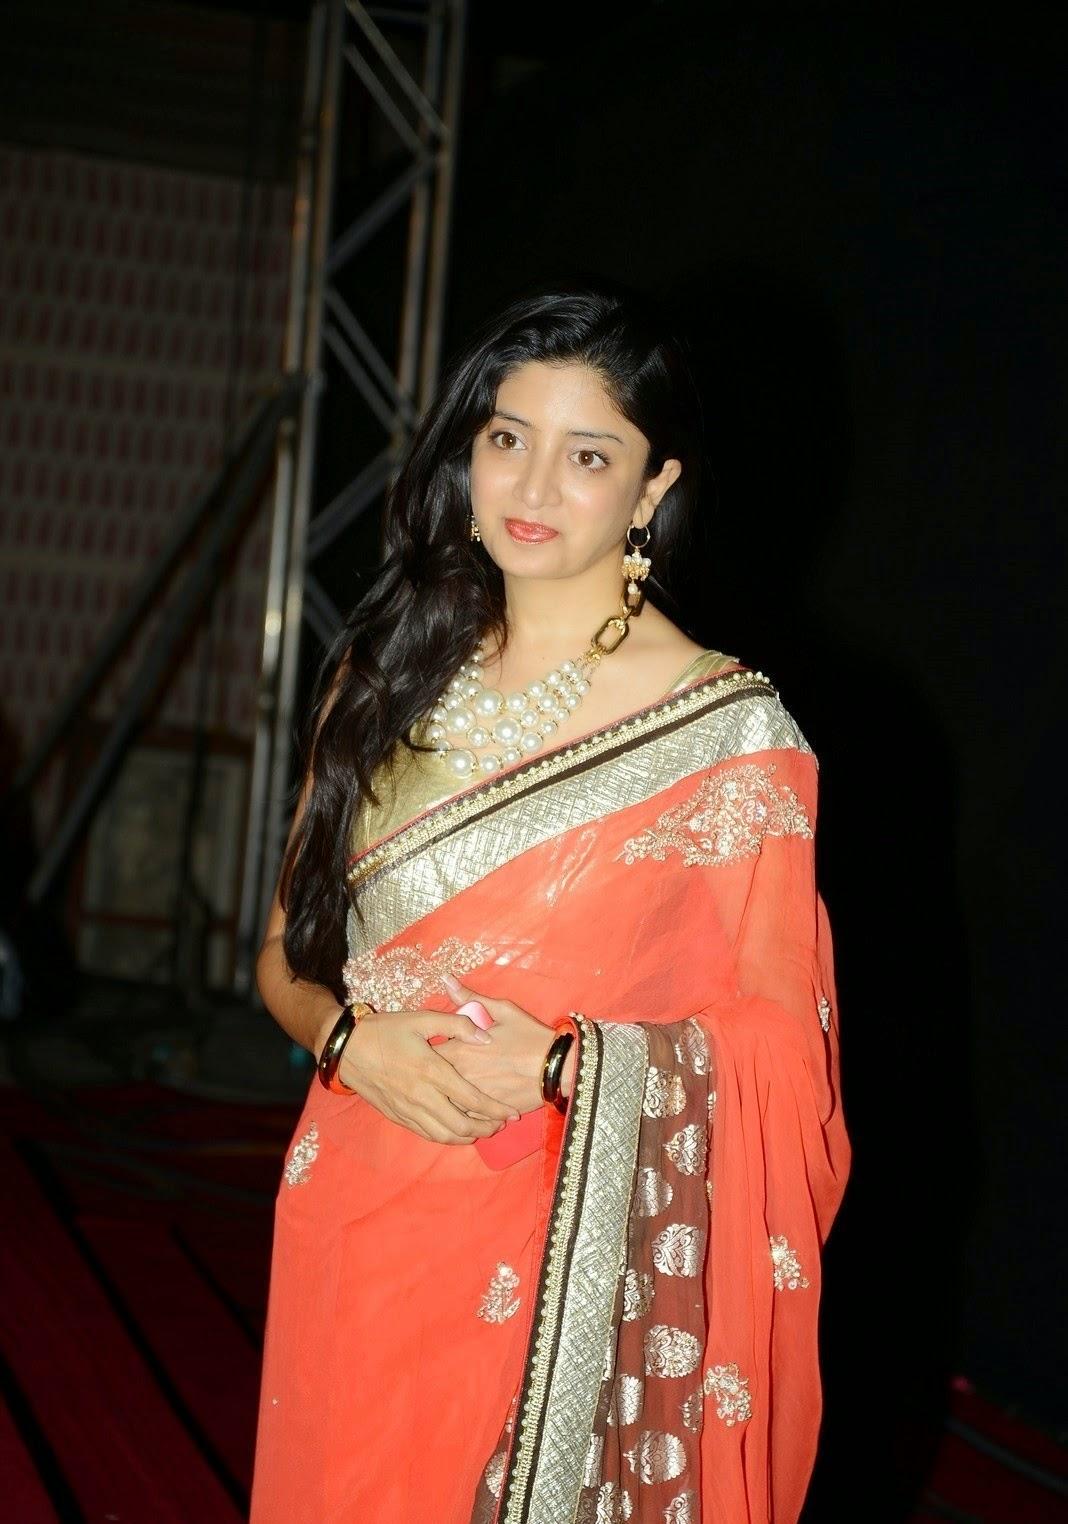 Actress Poonam Kaur Long Hair Stills In Orange Saree